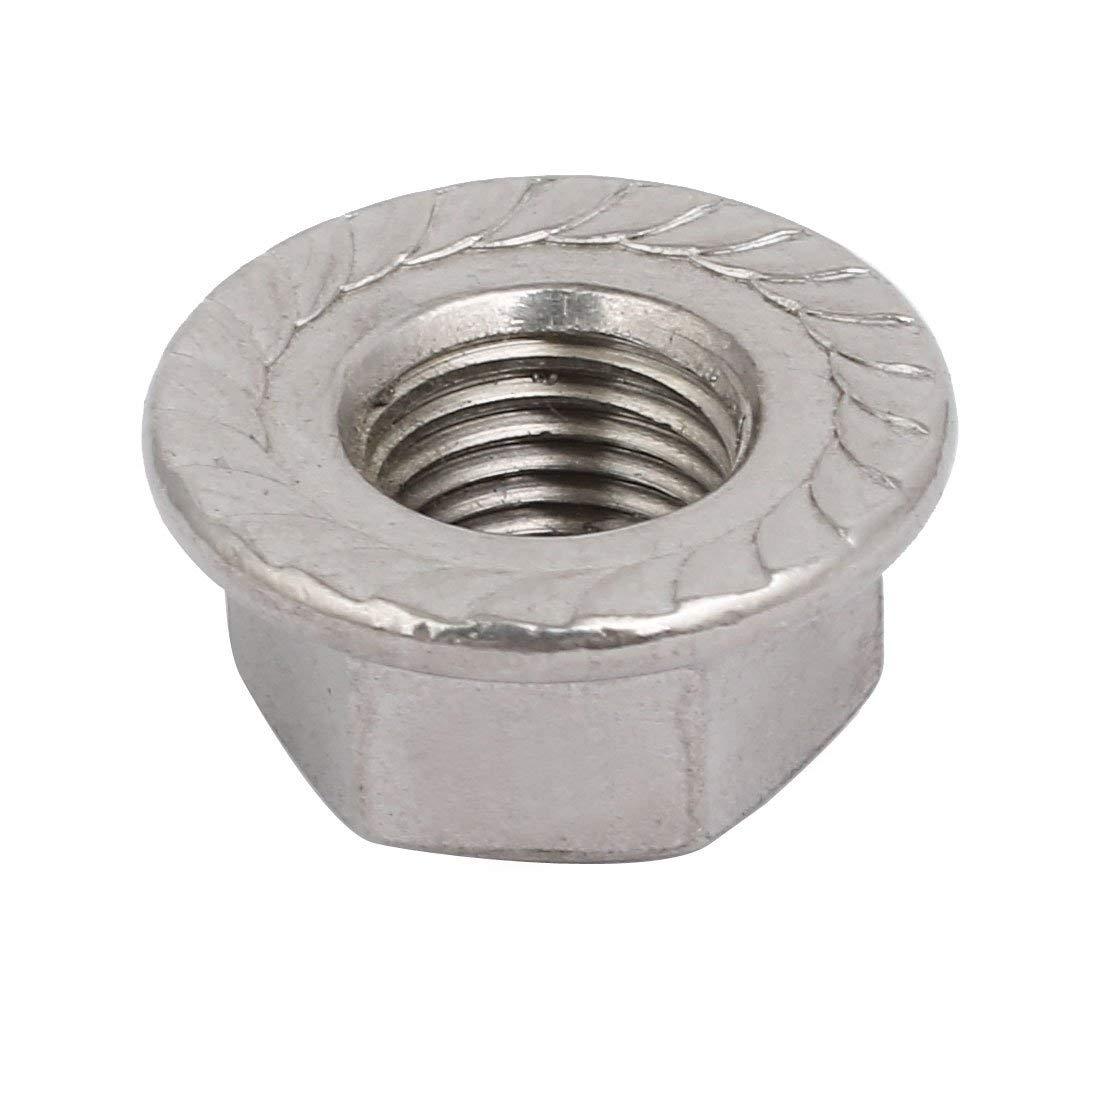 8pcs Tuerca de brida hexagonal de acero inoxidable M12 x 1,25 mm rosca m/étrica fina 304